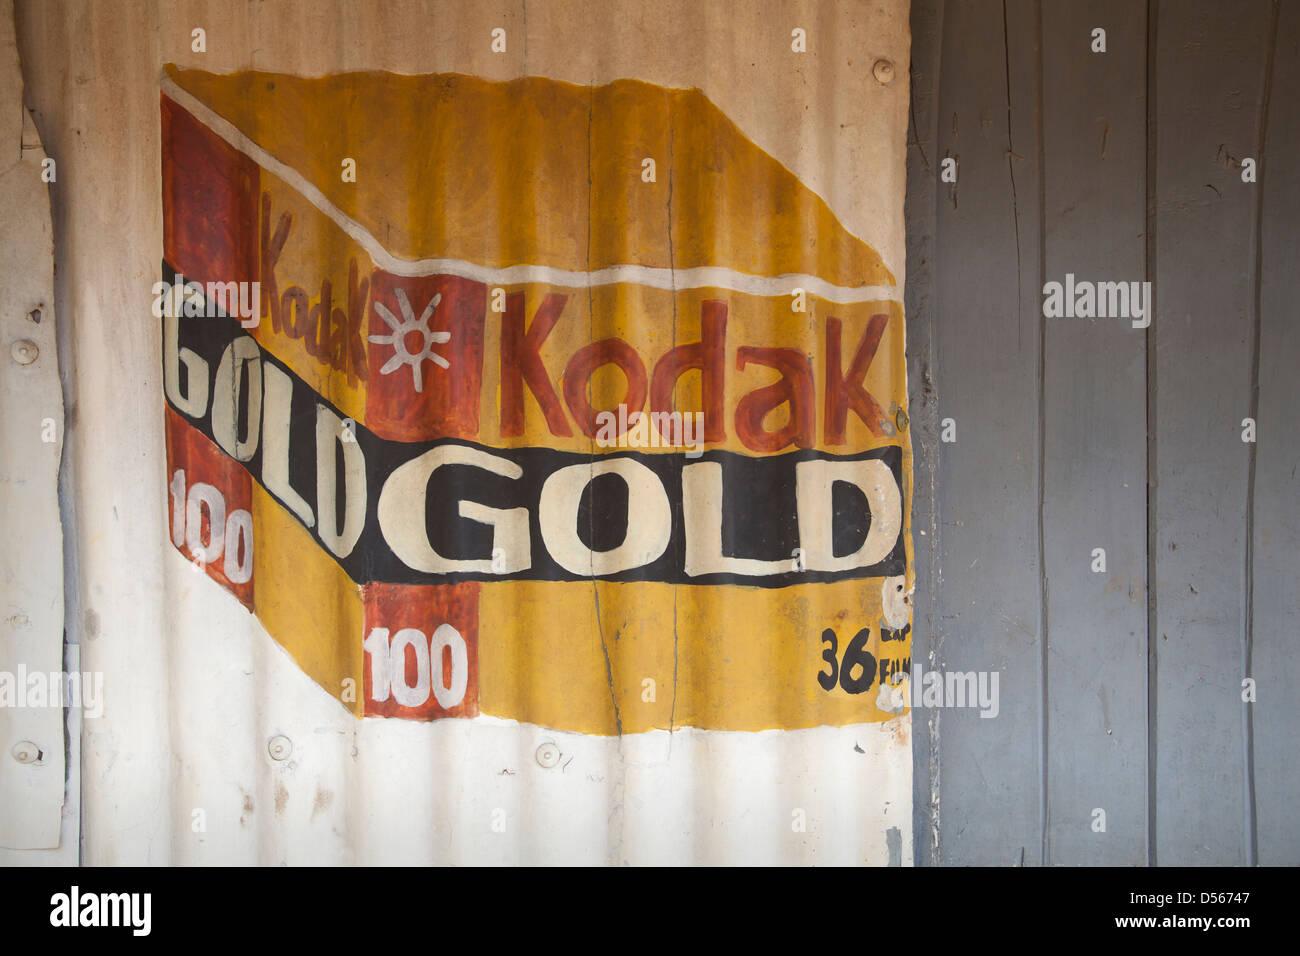 Peinture sur tôle ondulée Kodak publicité film or, au Kenya. Photo Stock